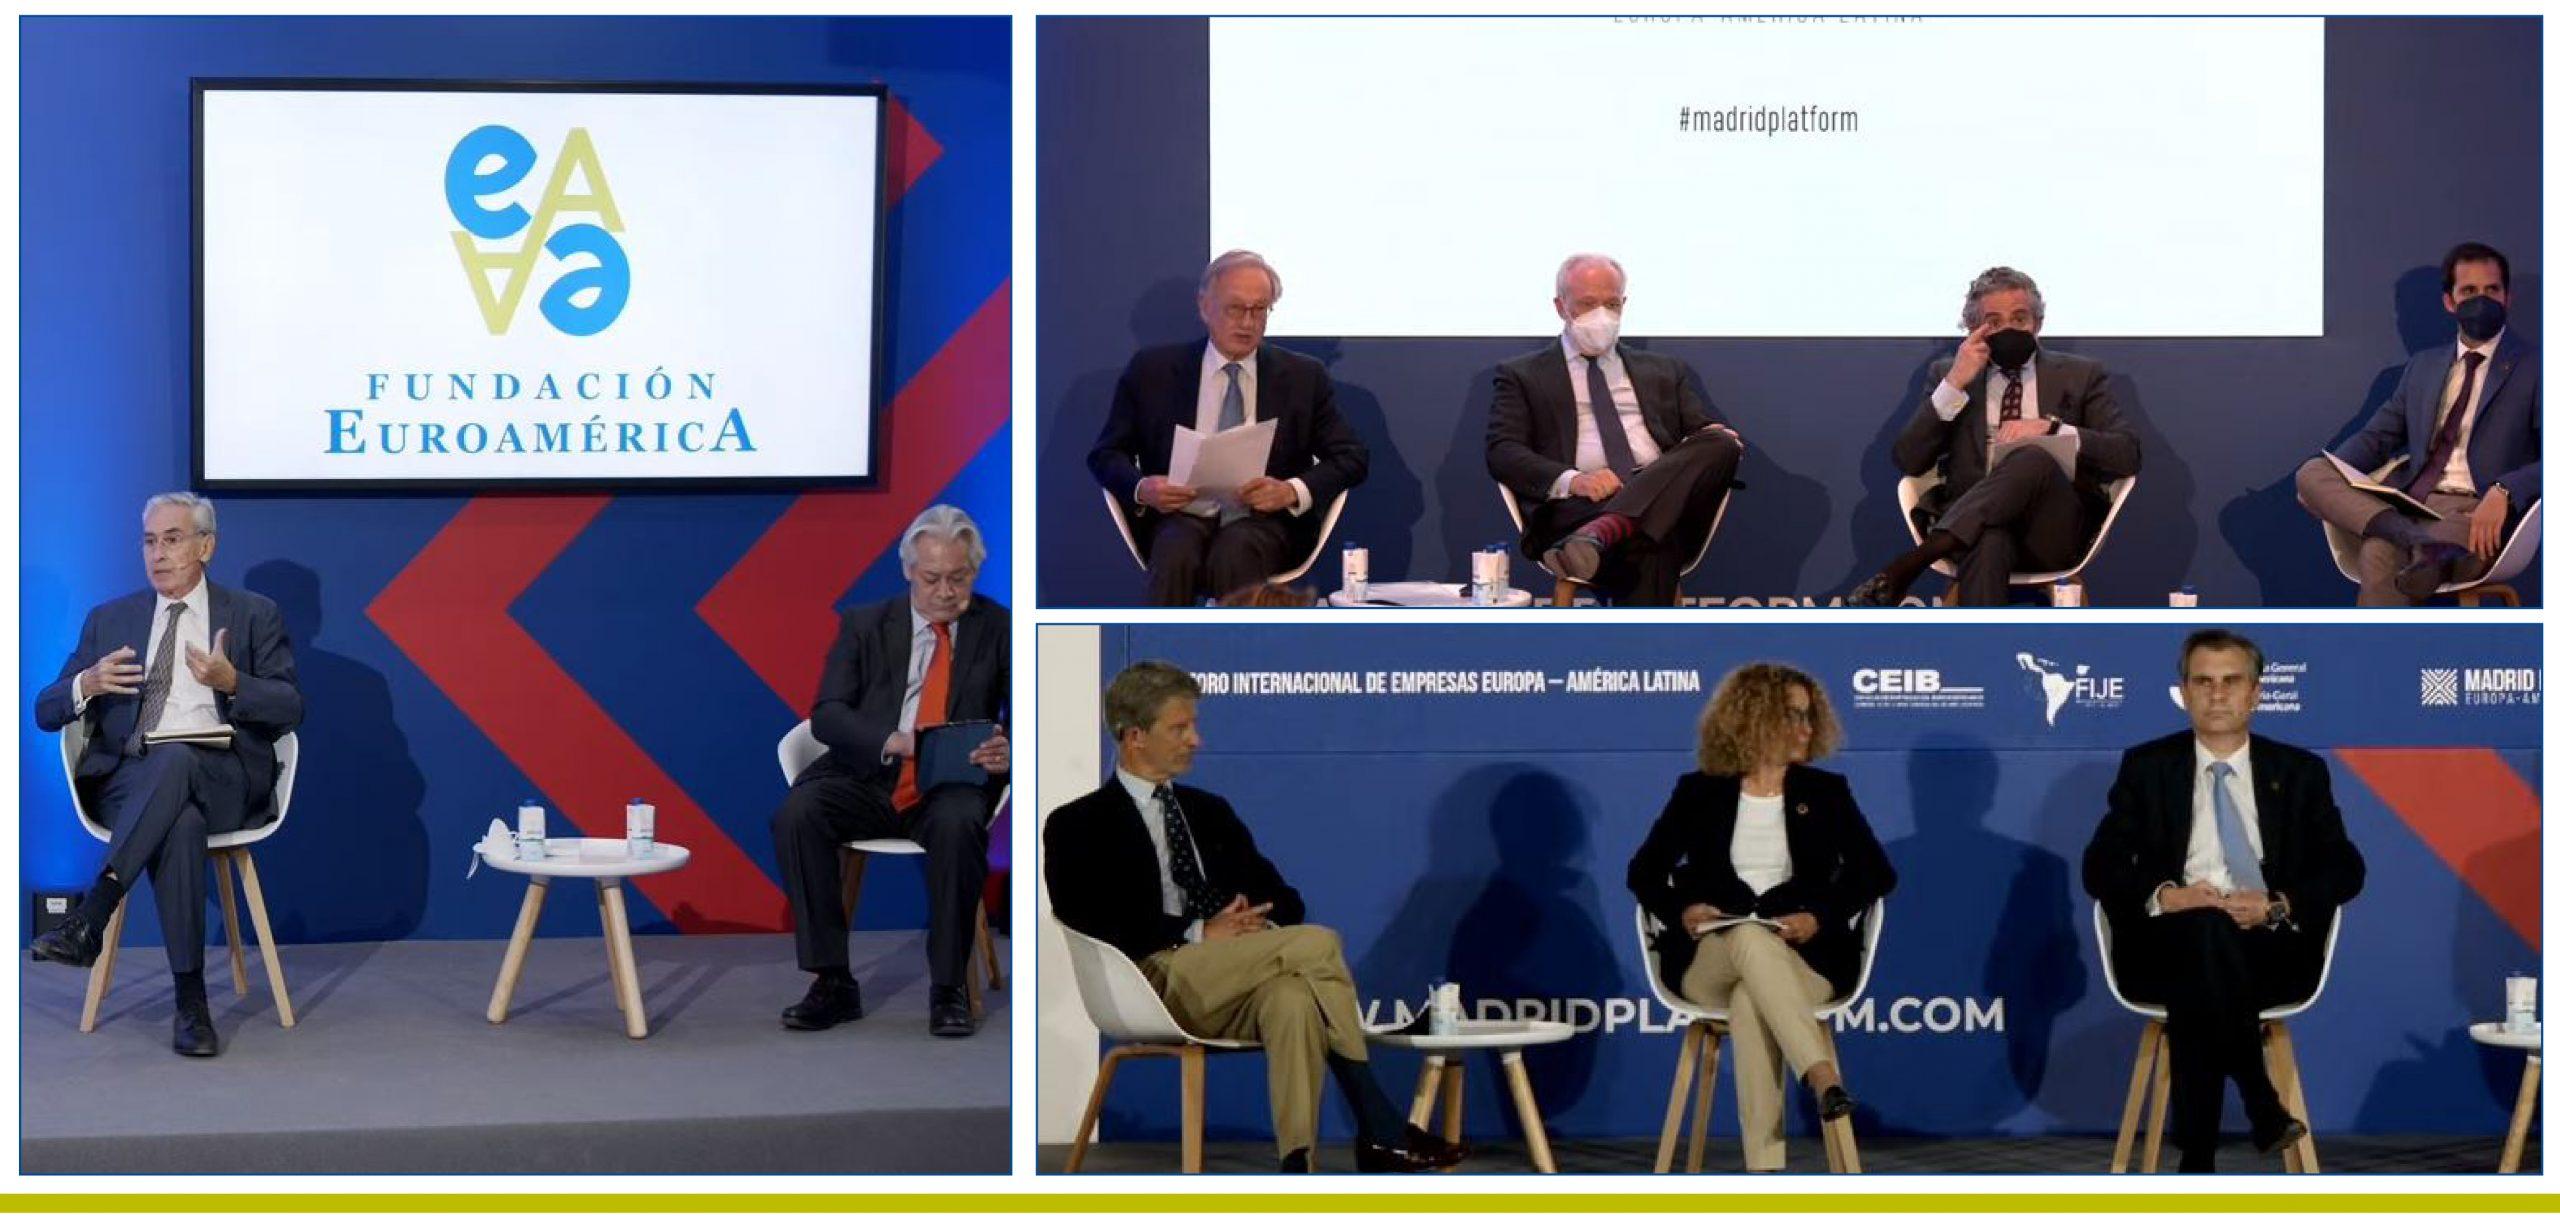 Participación de la Fundación Euroamérica en Madrid Platform